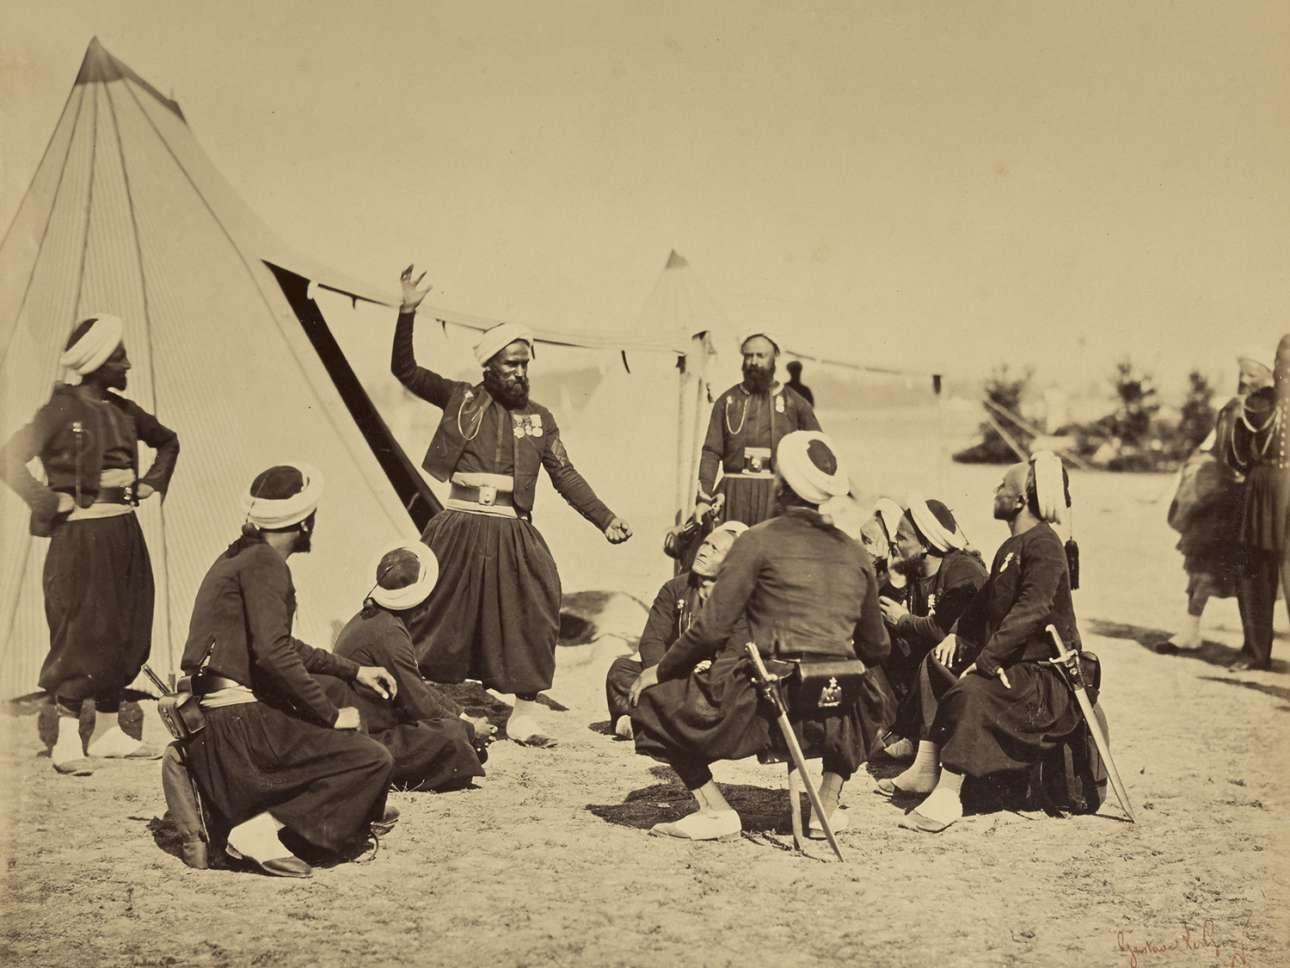 Φωτογραφία από άλμπουμ με τίτλο «Στρατιωτικές σκηνές από το στρατόπεδο Σαλόν του Ναπολέοντα Γ'»